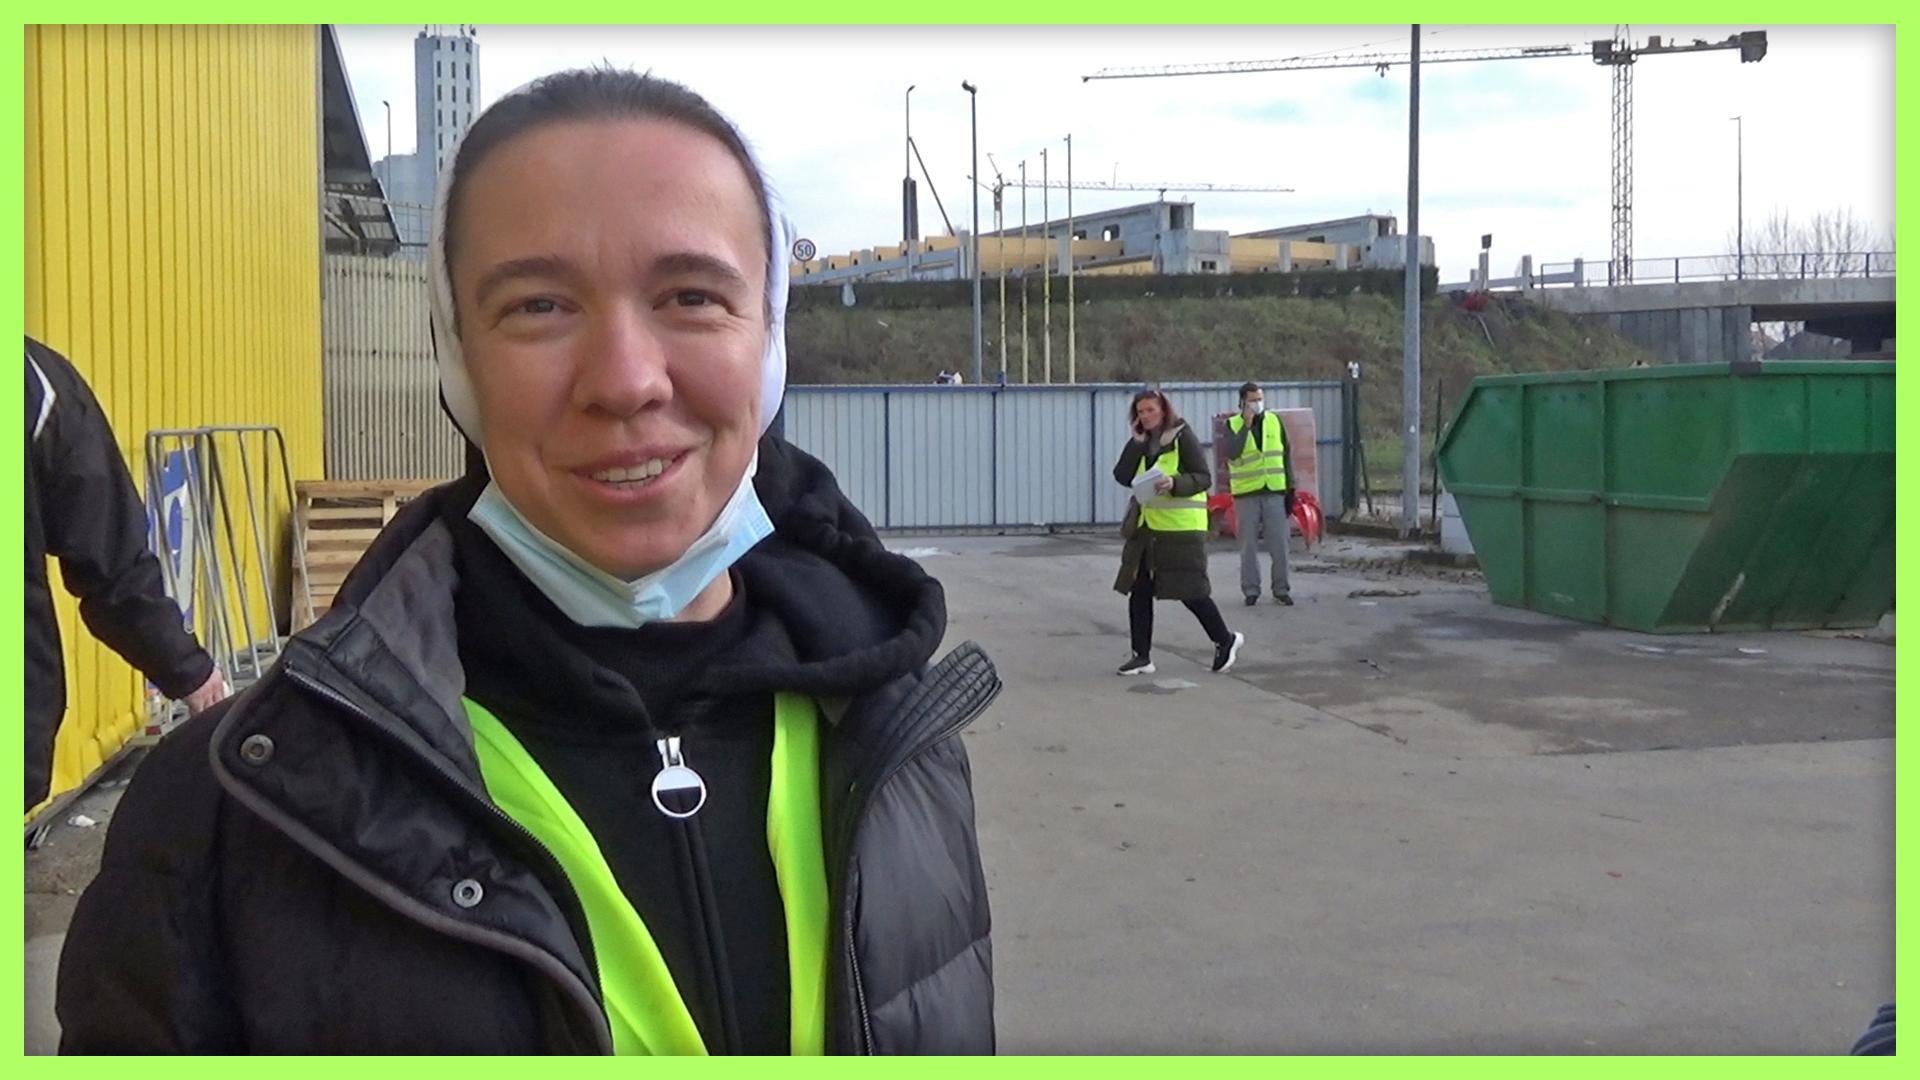 Sestra Ema iz Caritasa u Sisku: 'Ostat ću tu i pomagati koliko god bude trebalo'